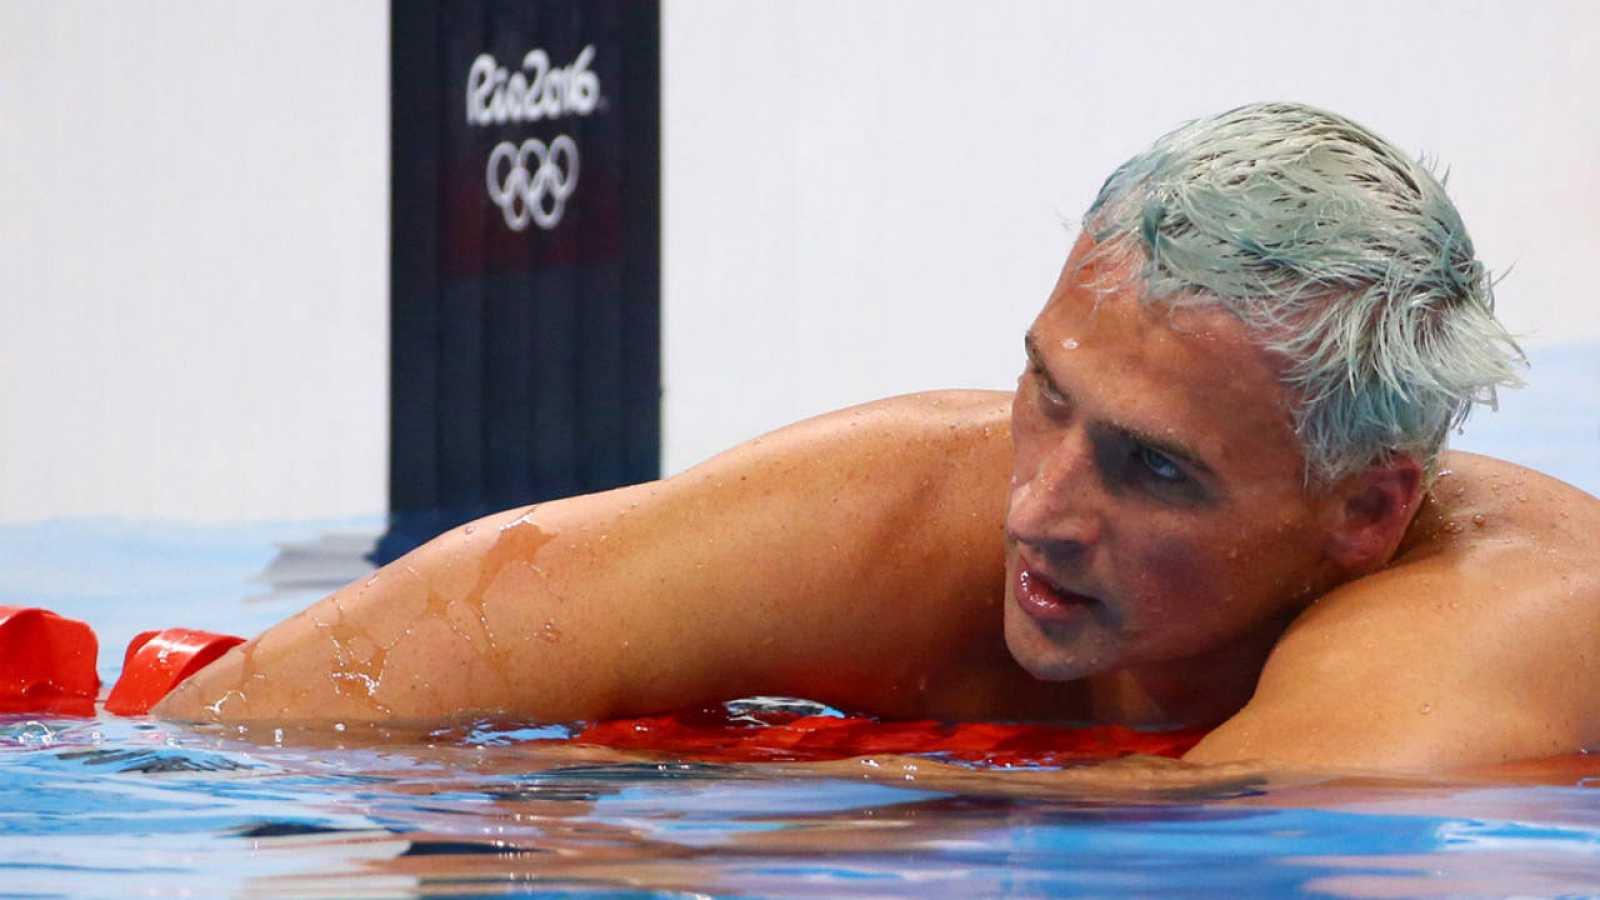 El nadador estadounidense Ryan Lochte durante una prueba el pasado 11 de agosto en Río 2016.